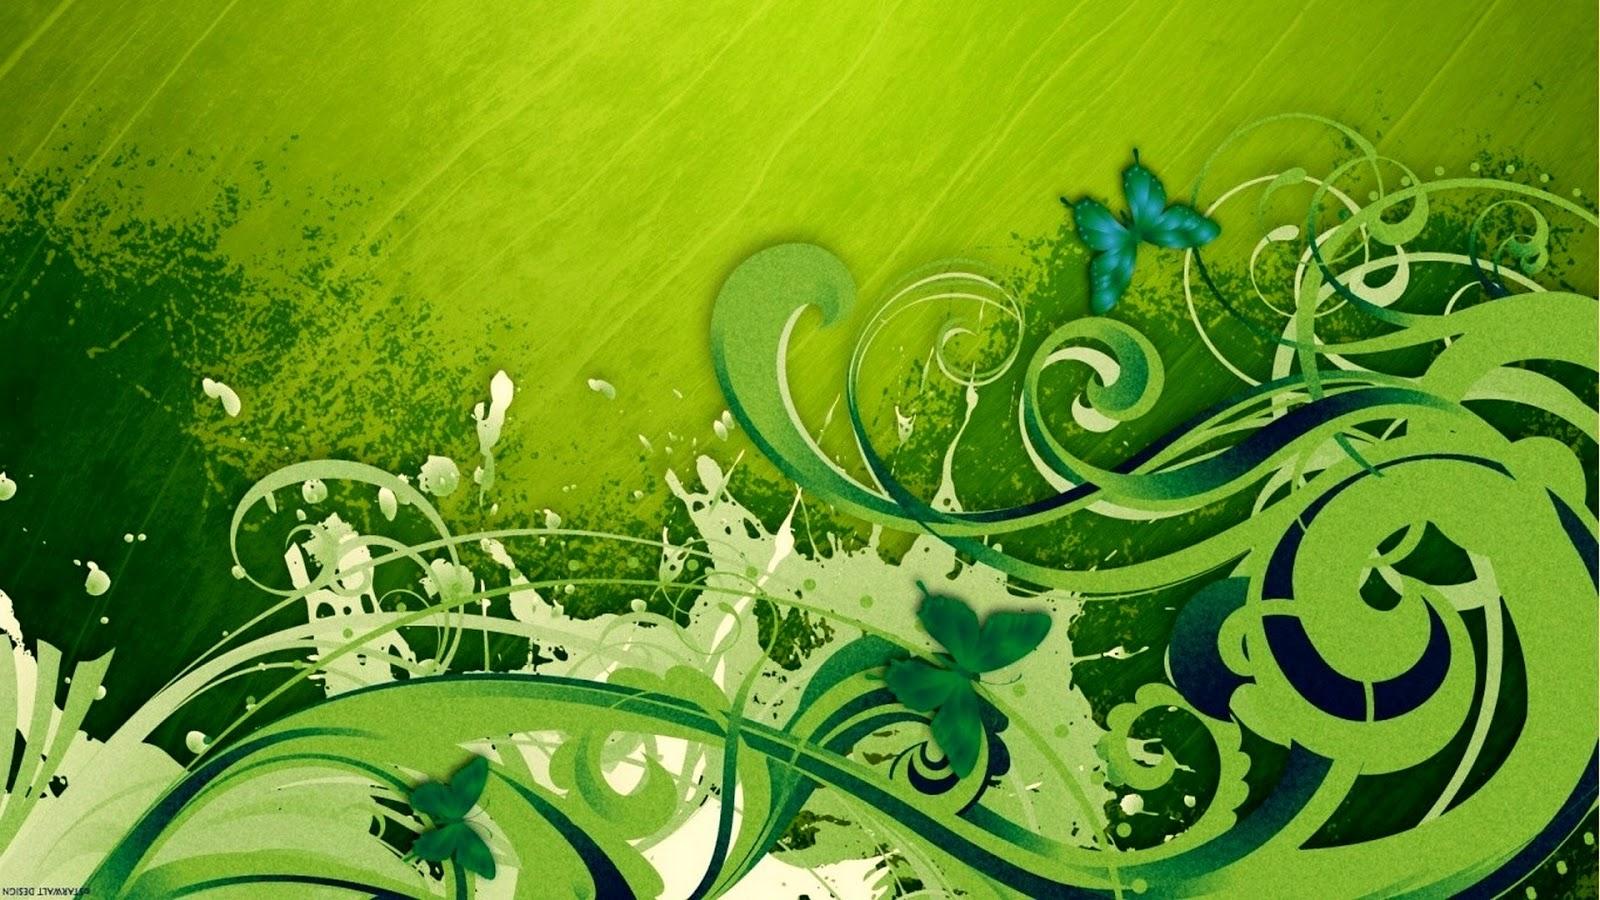 Rajat 3d Wallpaper Stars Hd Cool Wallpaper Hd 1080p